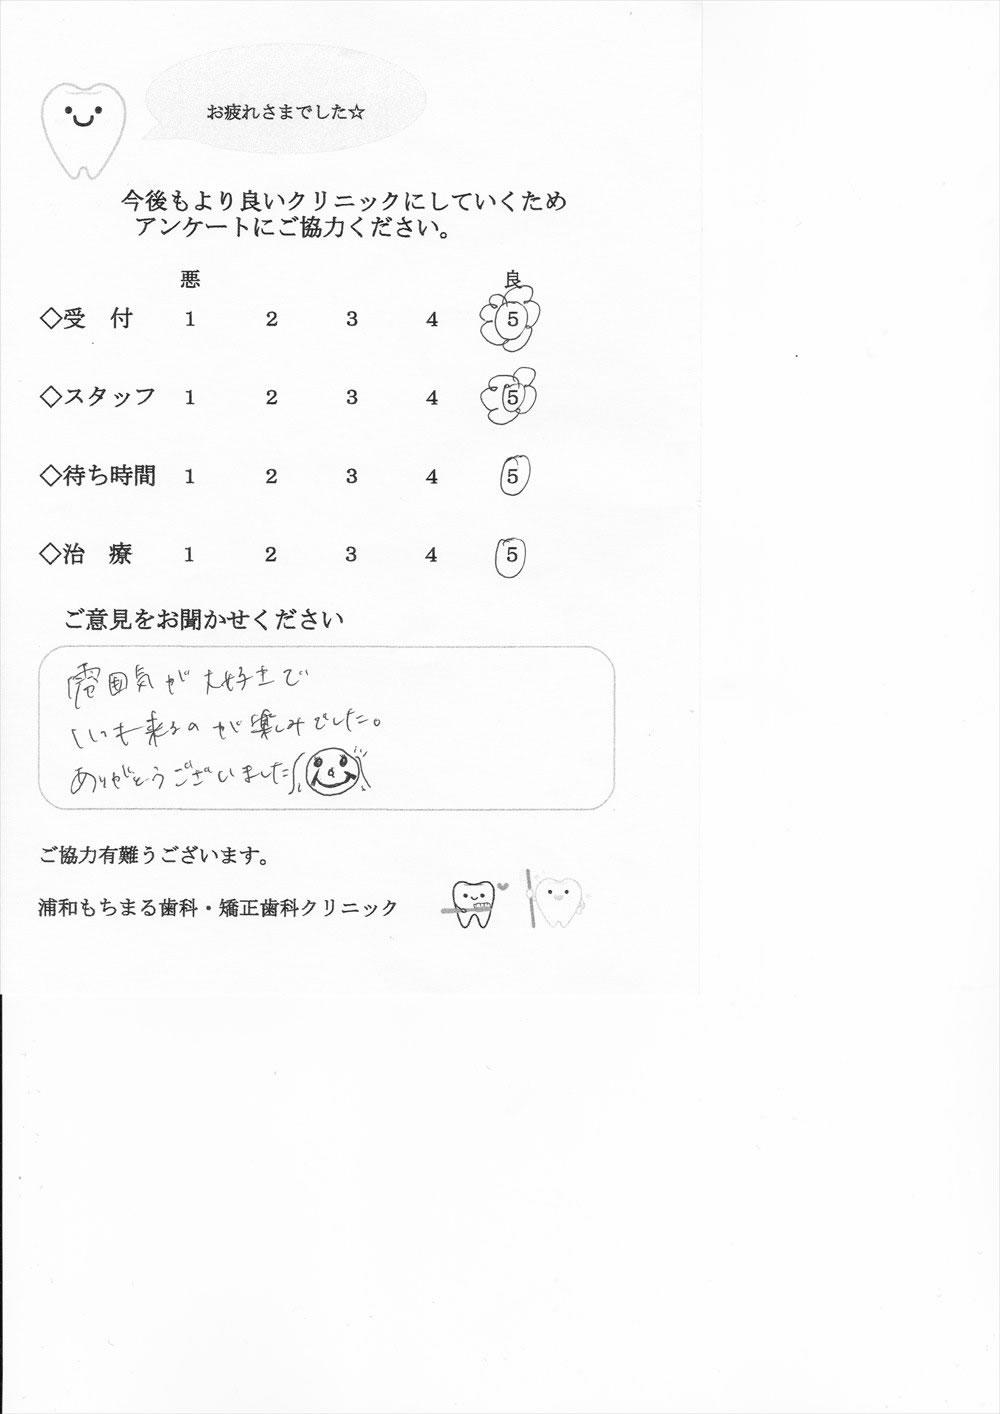 浦和もちまる歯科・矯正歯科の口コミ・評判アンケート12